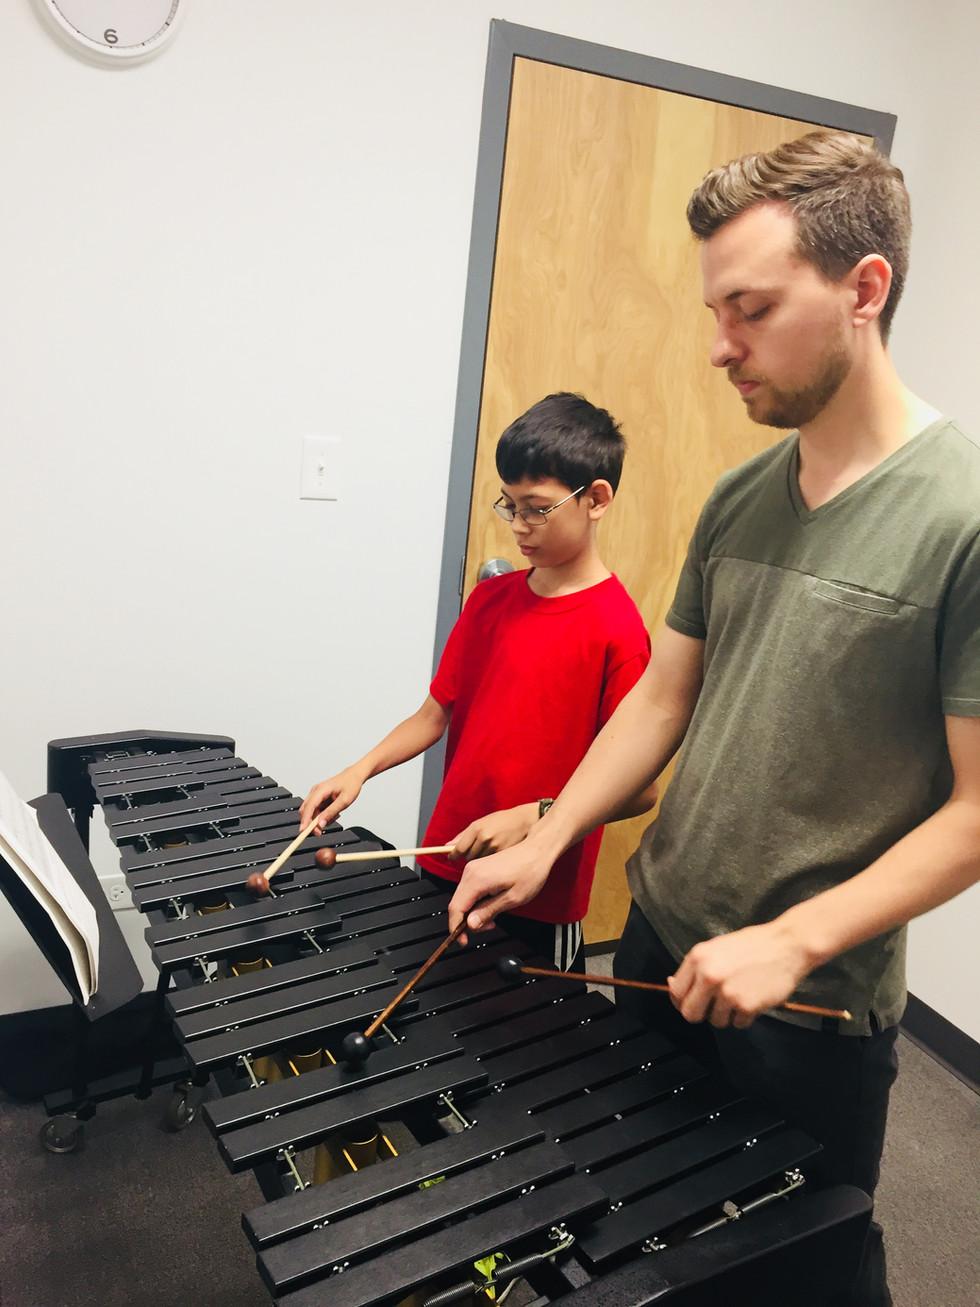 Drum Lessons in Sauganash IL